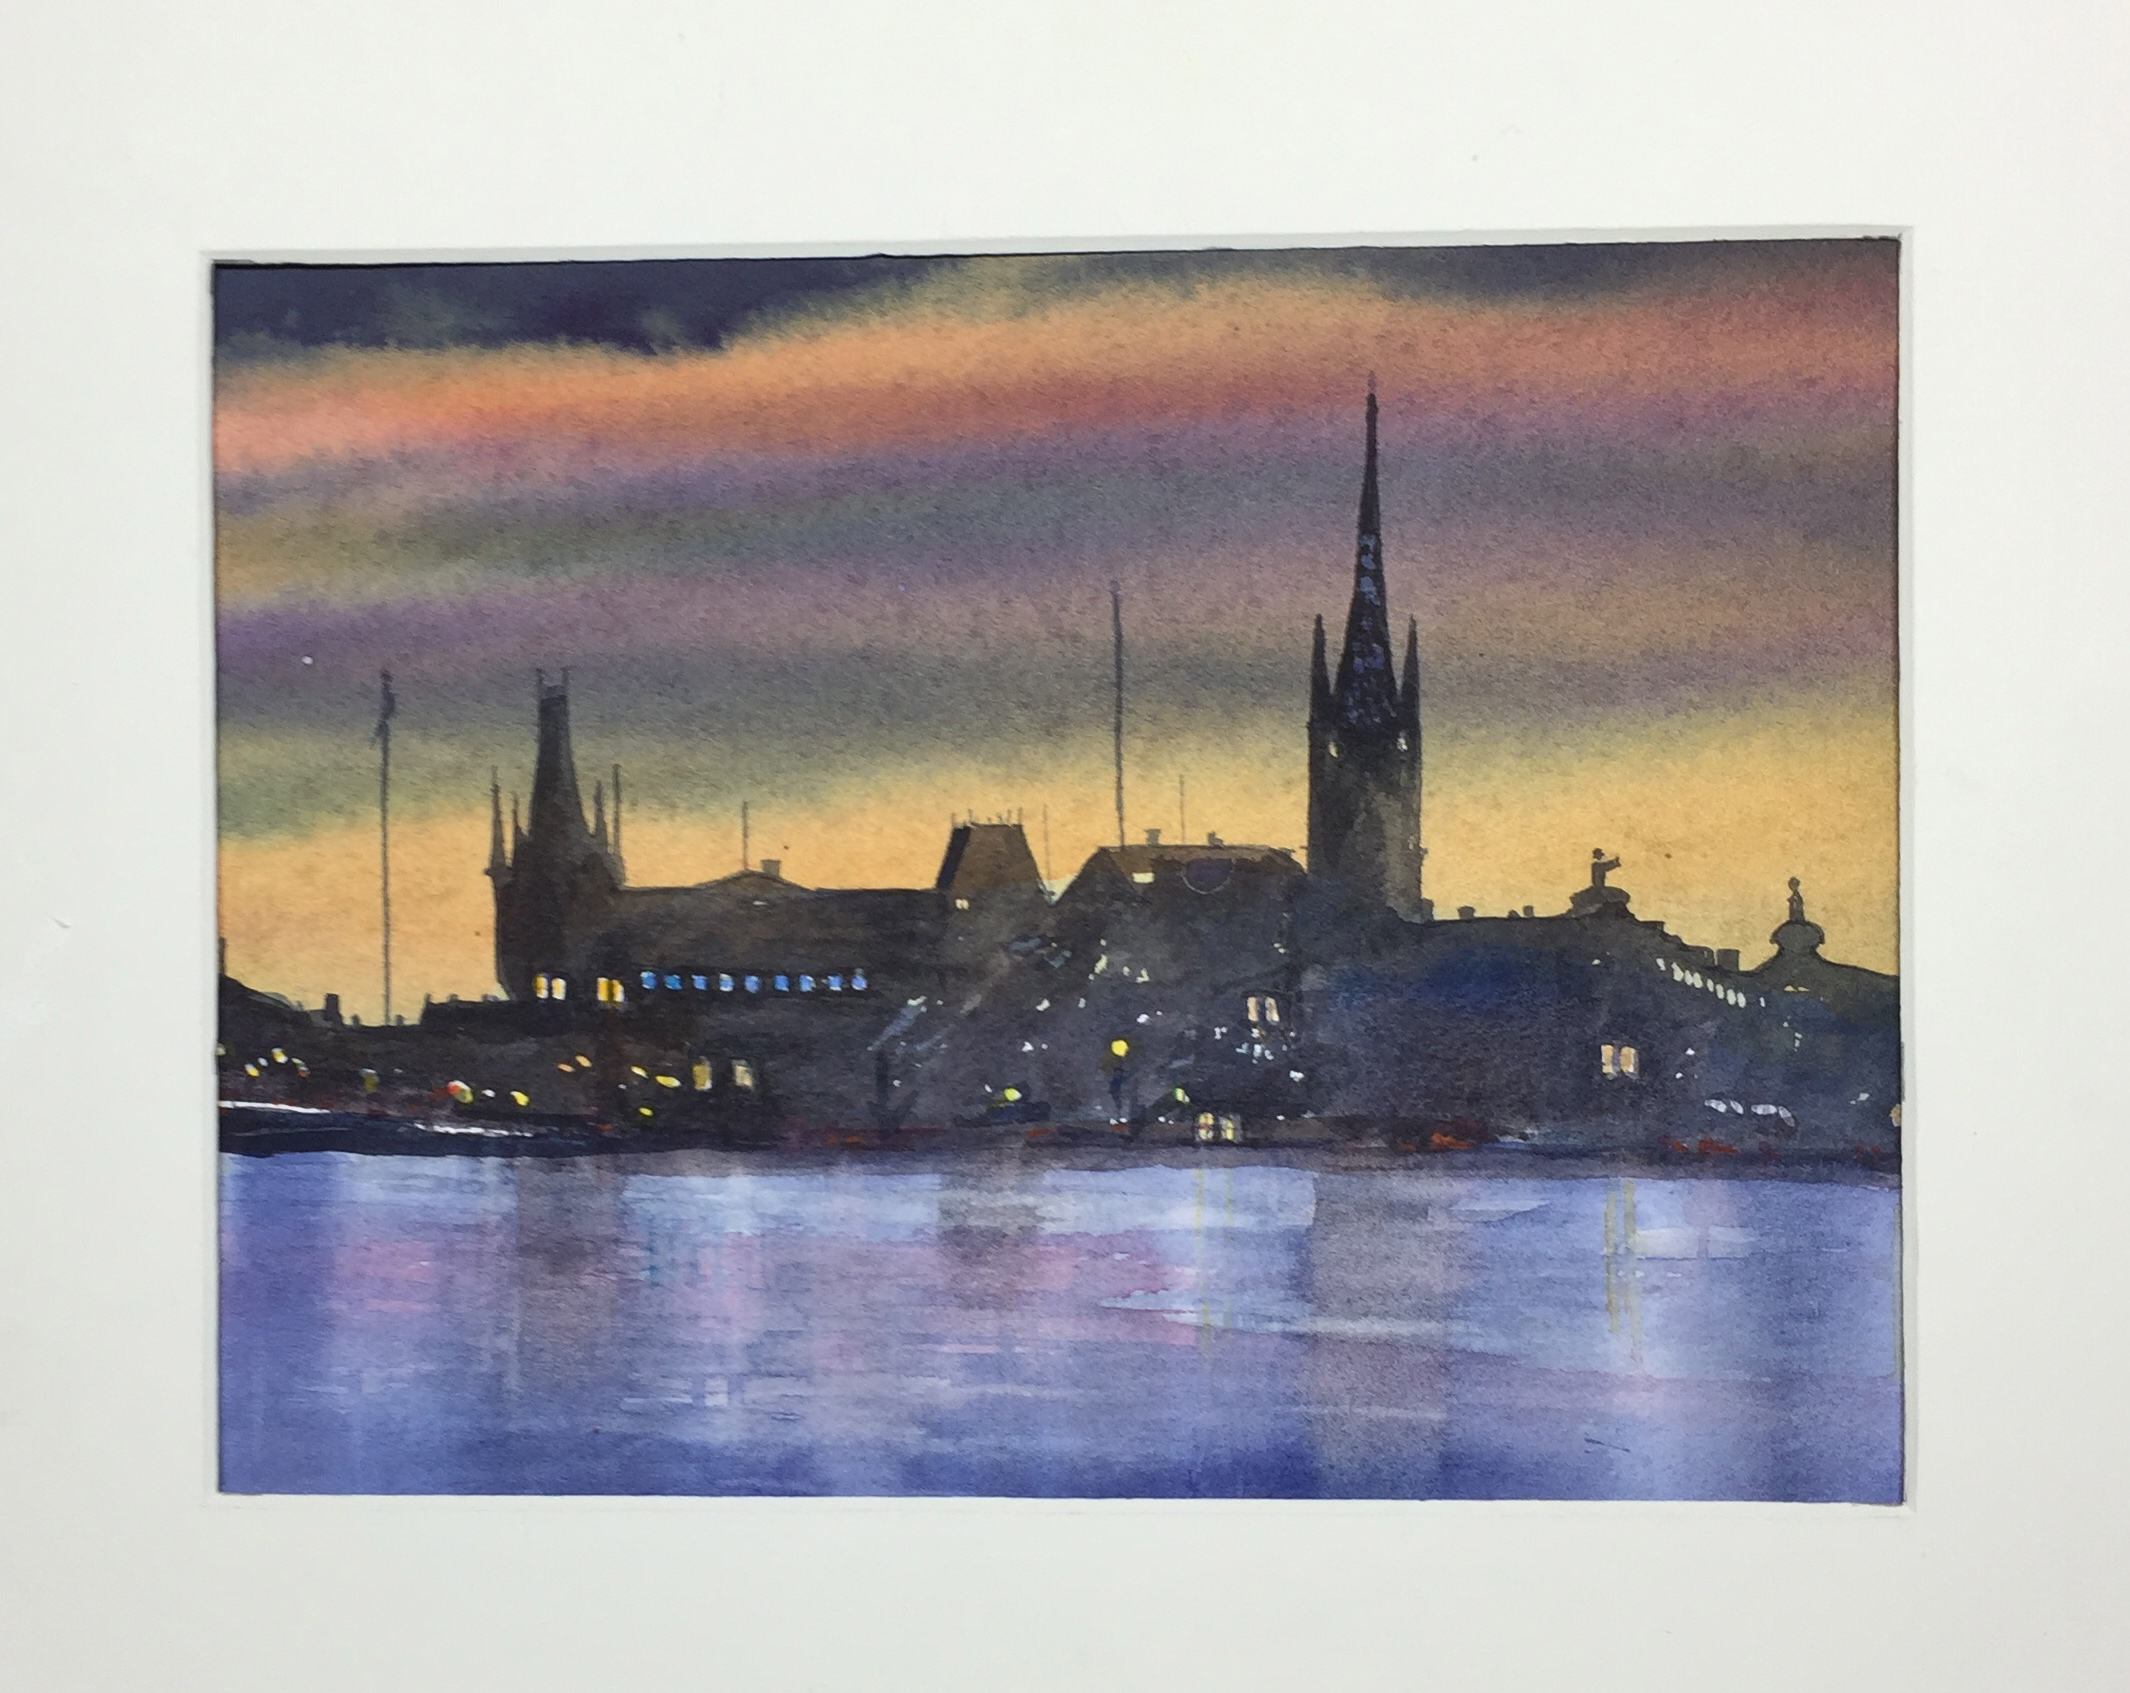 Norstedts, Riddarholmen Stockholm